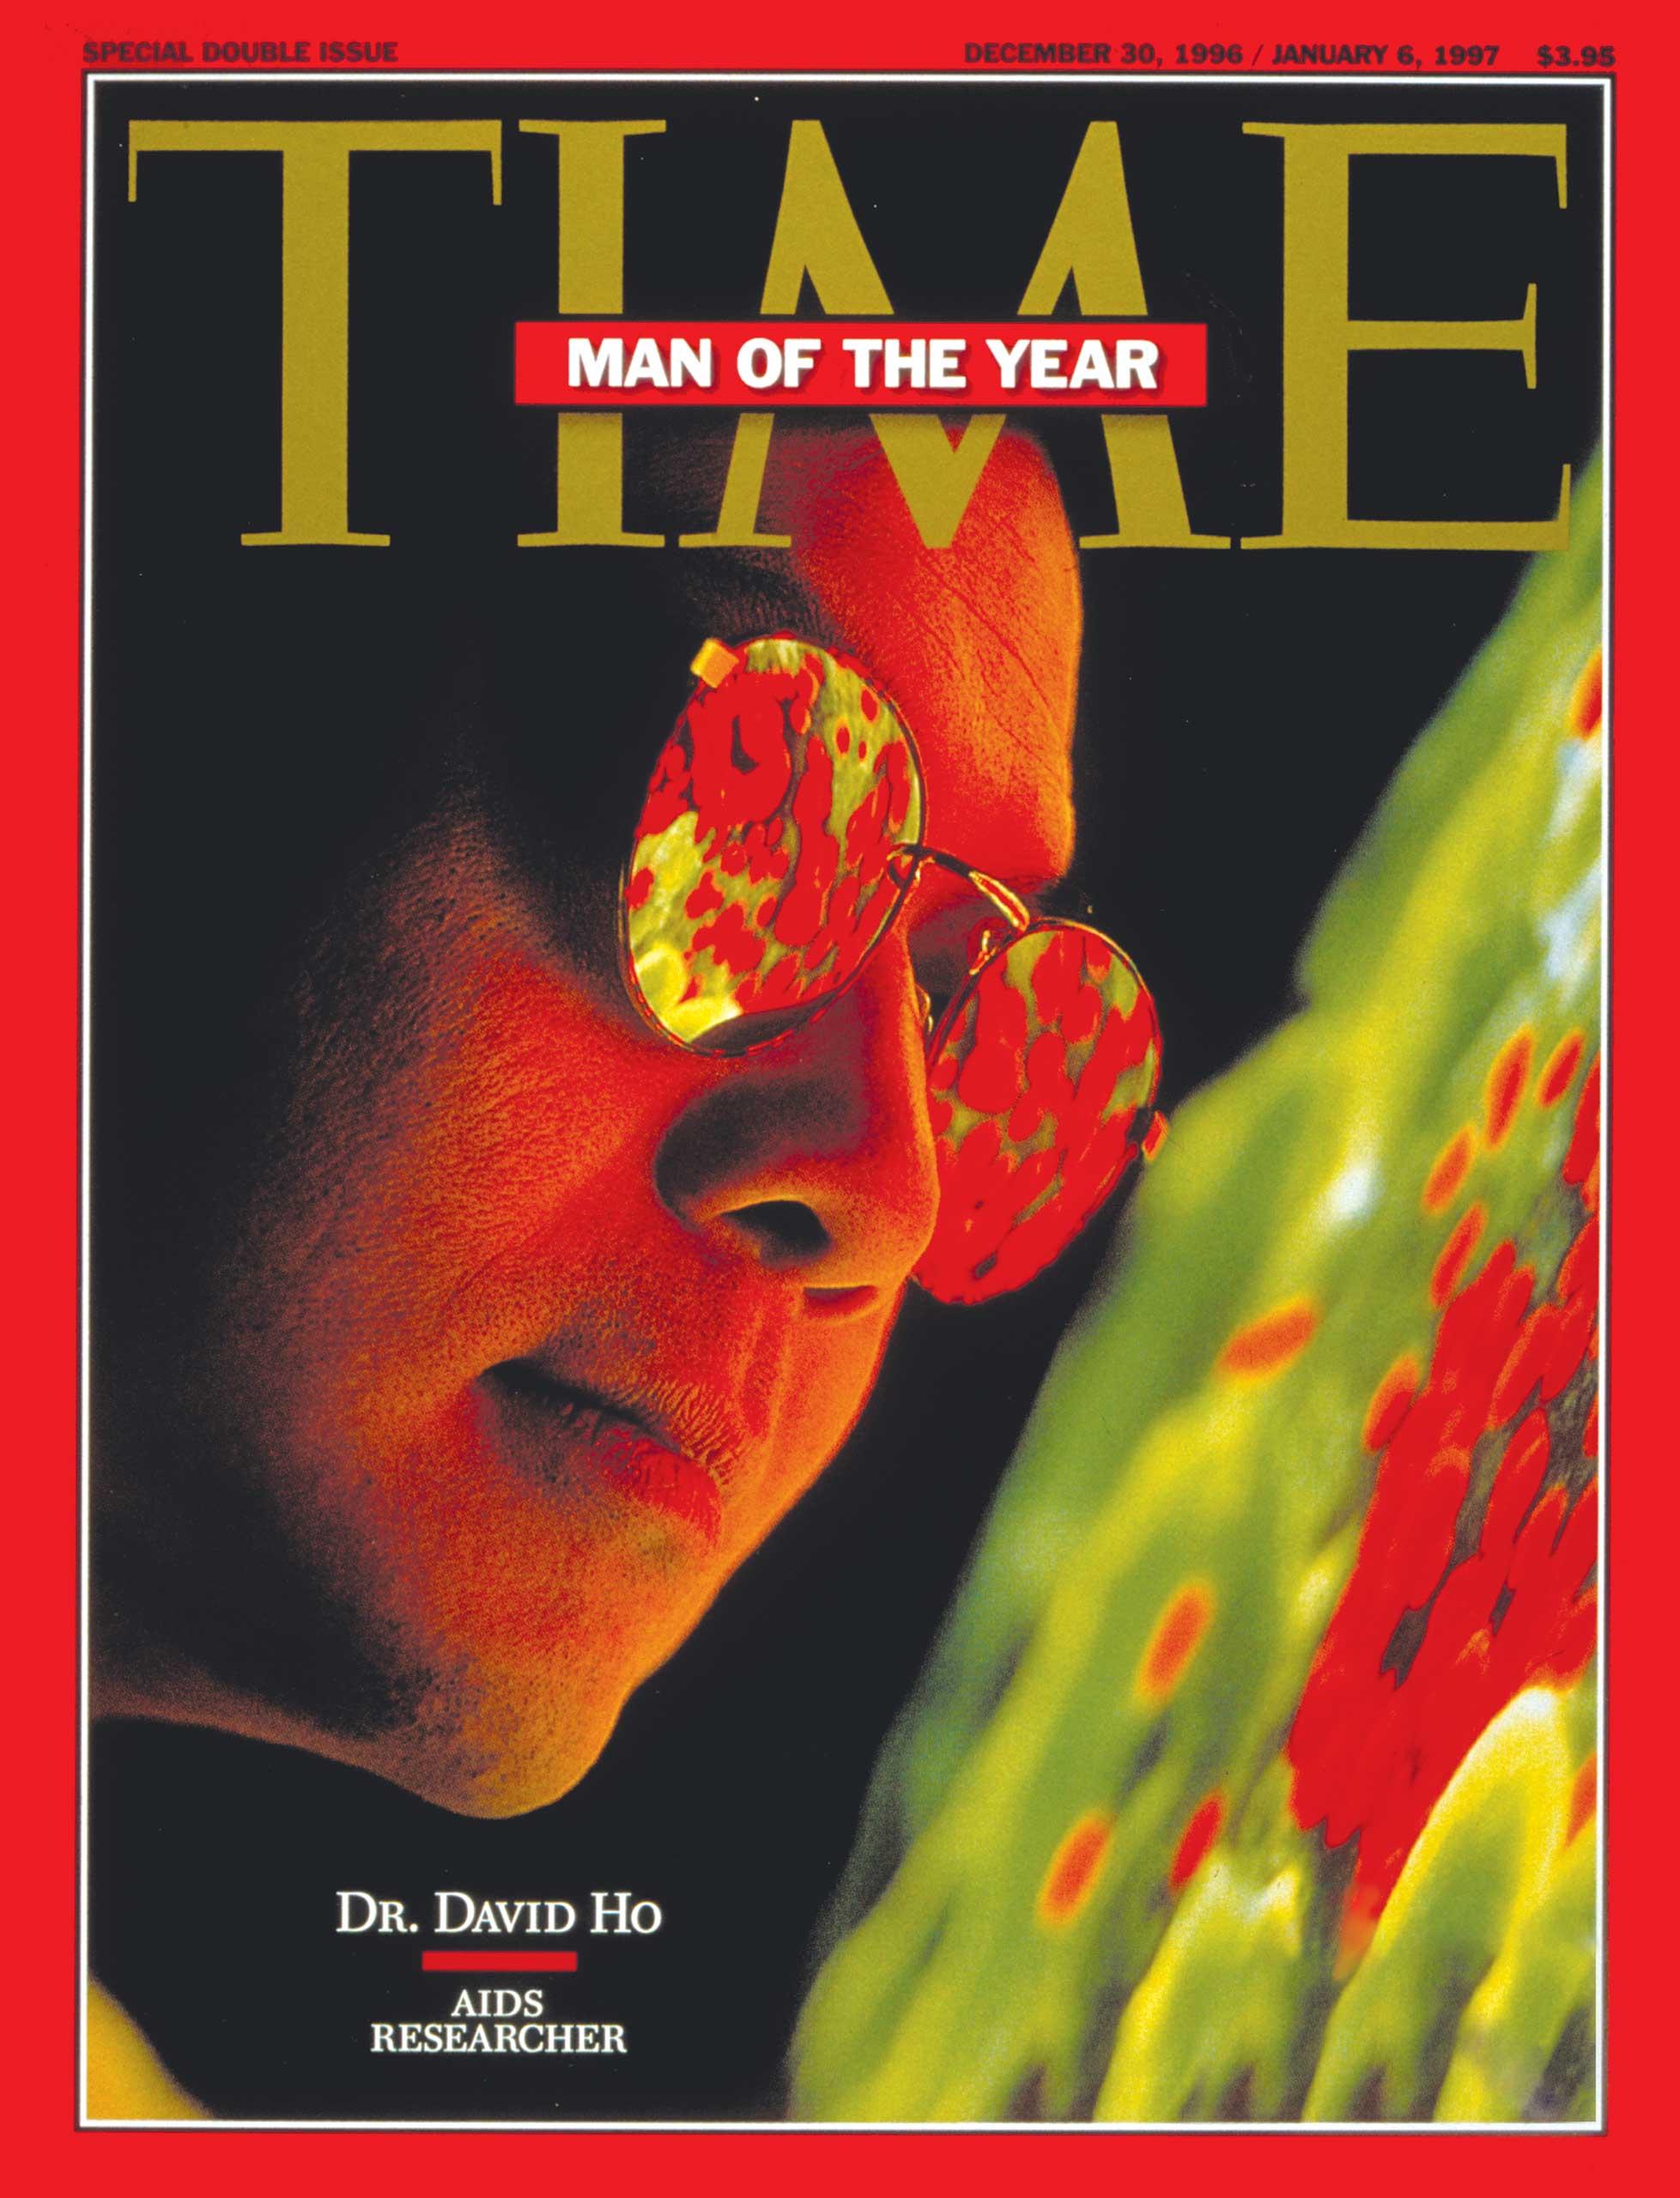 1996: Dr. David Ho